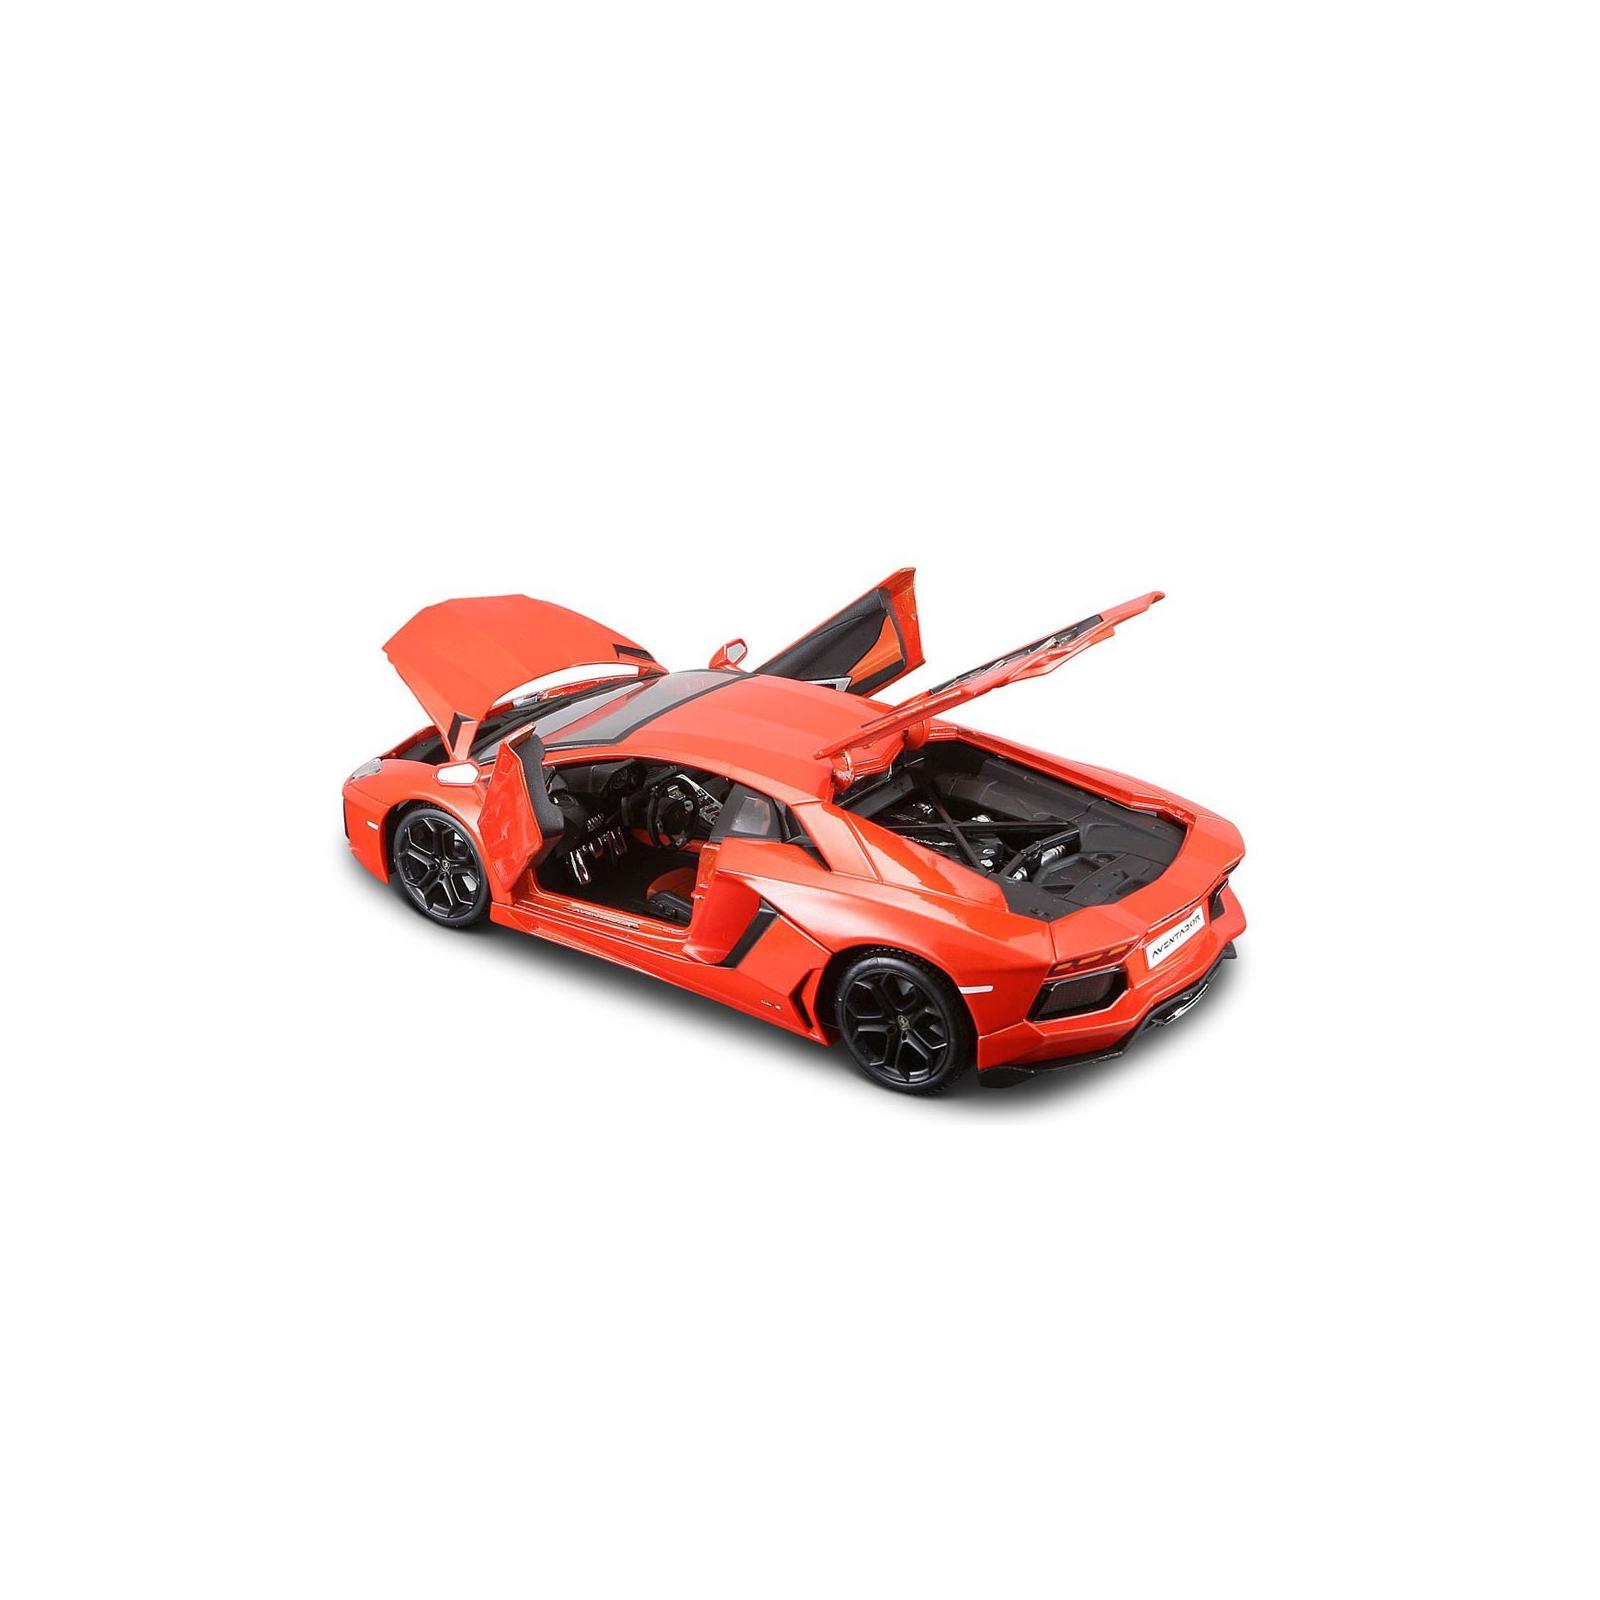 Радиоуправляемая игрушка AULDEY Lamborghini Aventador LP 700-4 (LC258050-4B) изображение 3